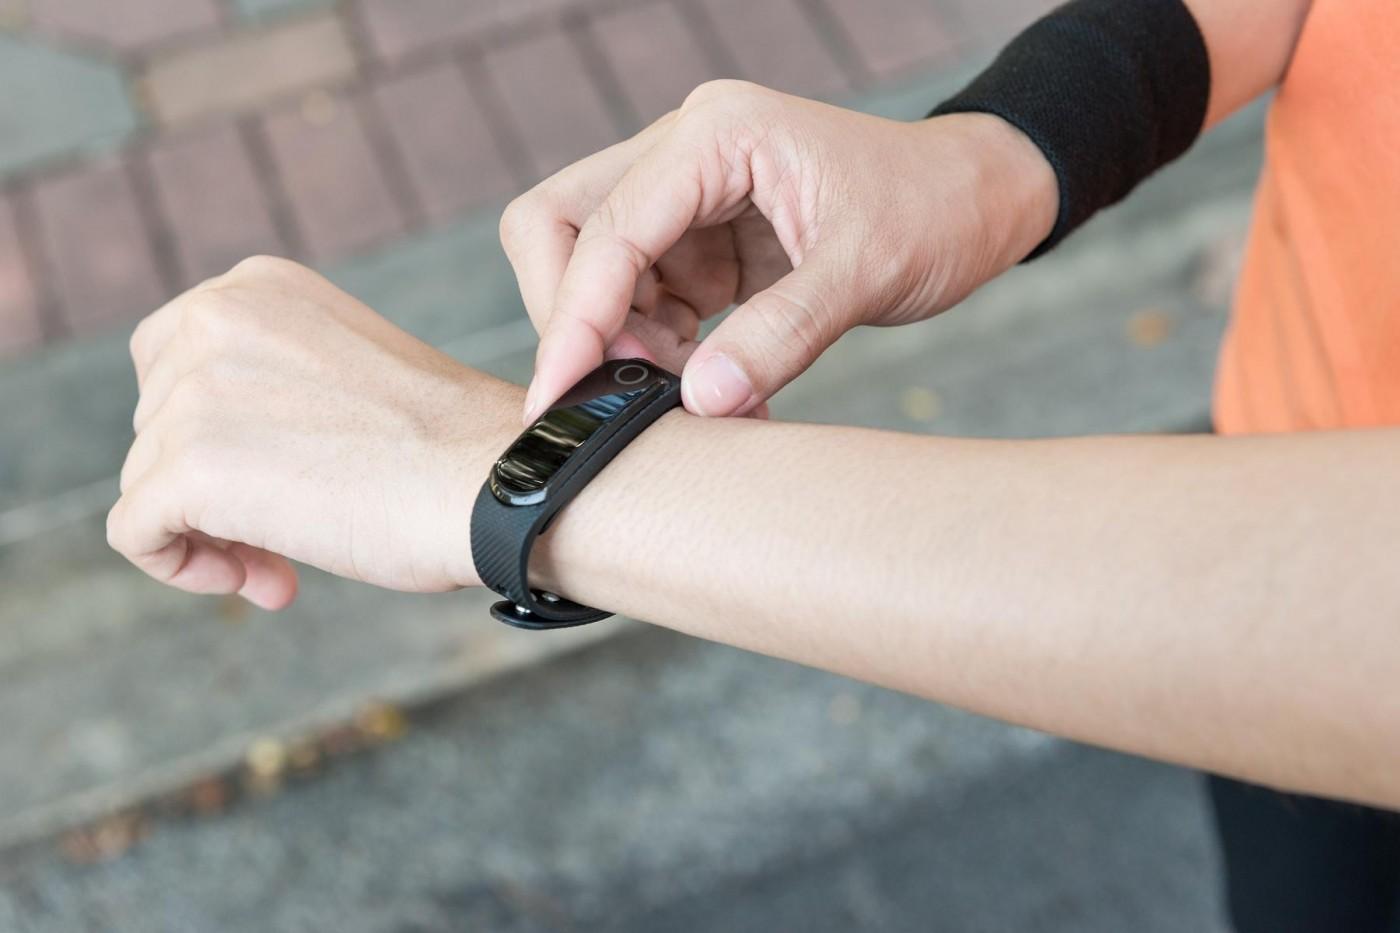 保戶越健康賺越多,金融服務結合穿戴裝置成趨勢